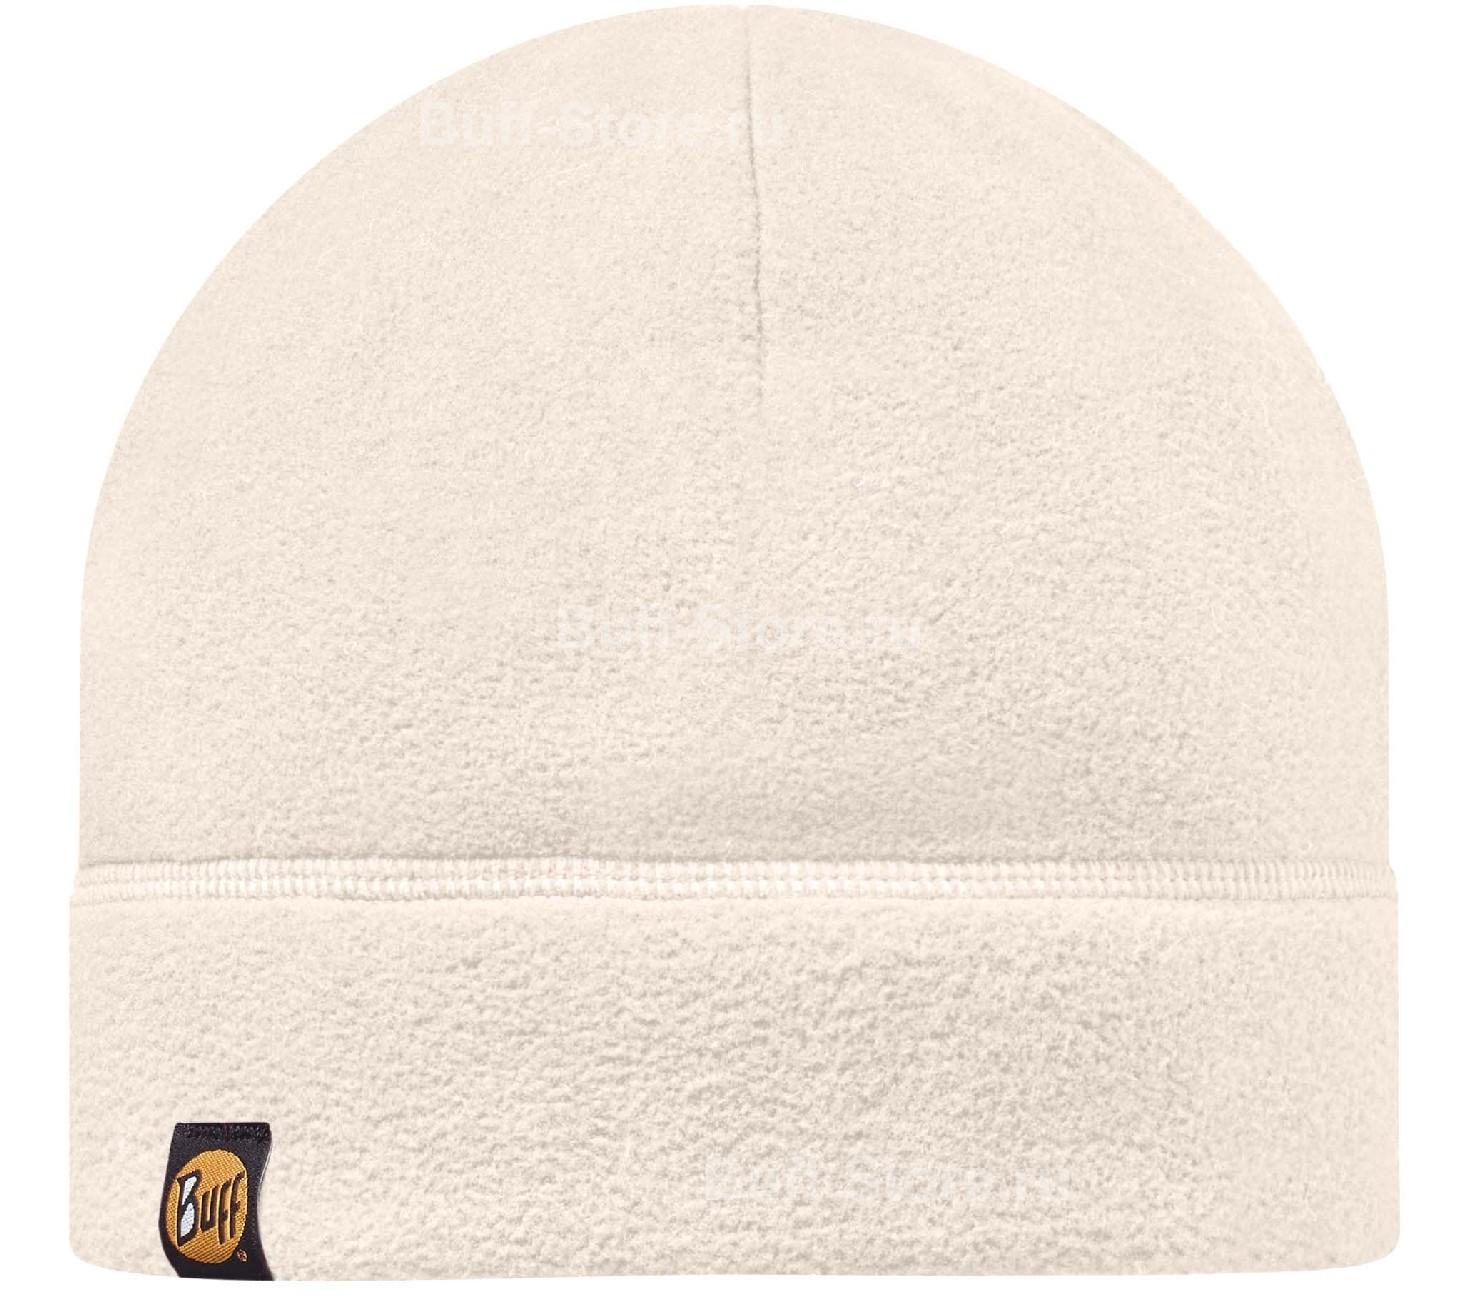 Флисовые шапки Шапка из флиса Buff Cru 110929.014.10.00.jpg